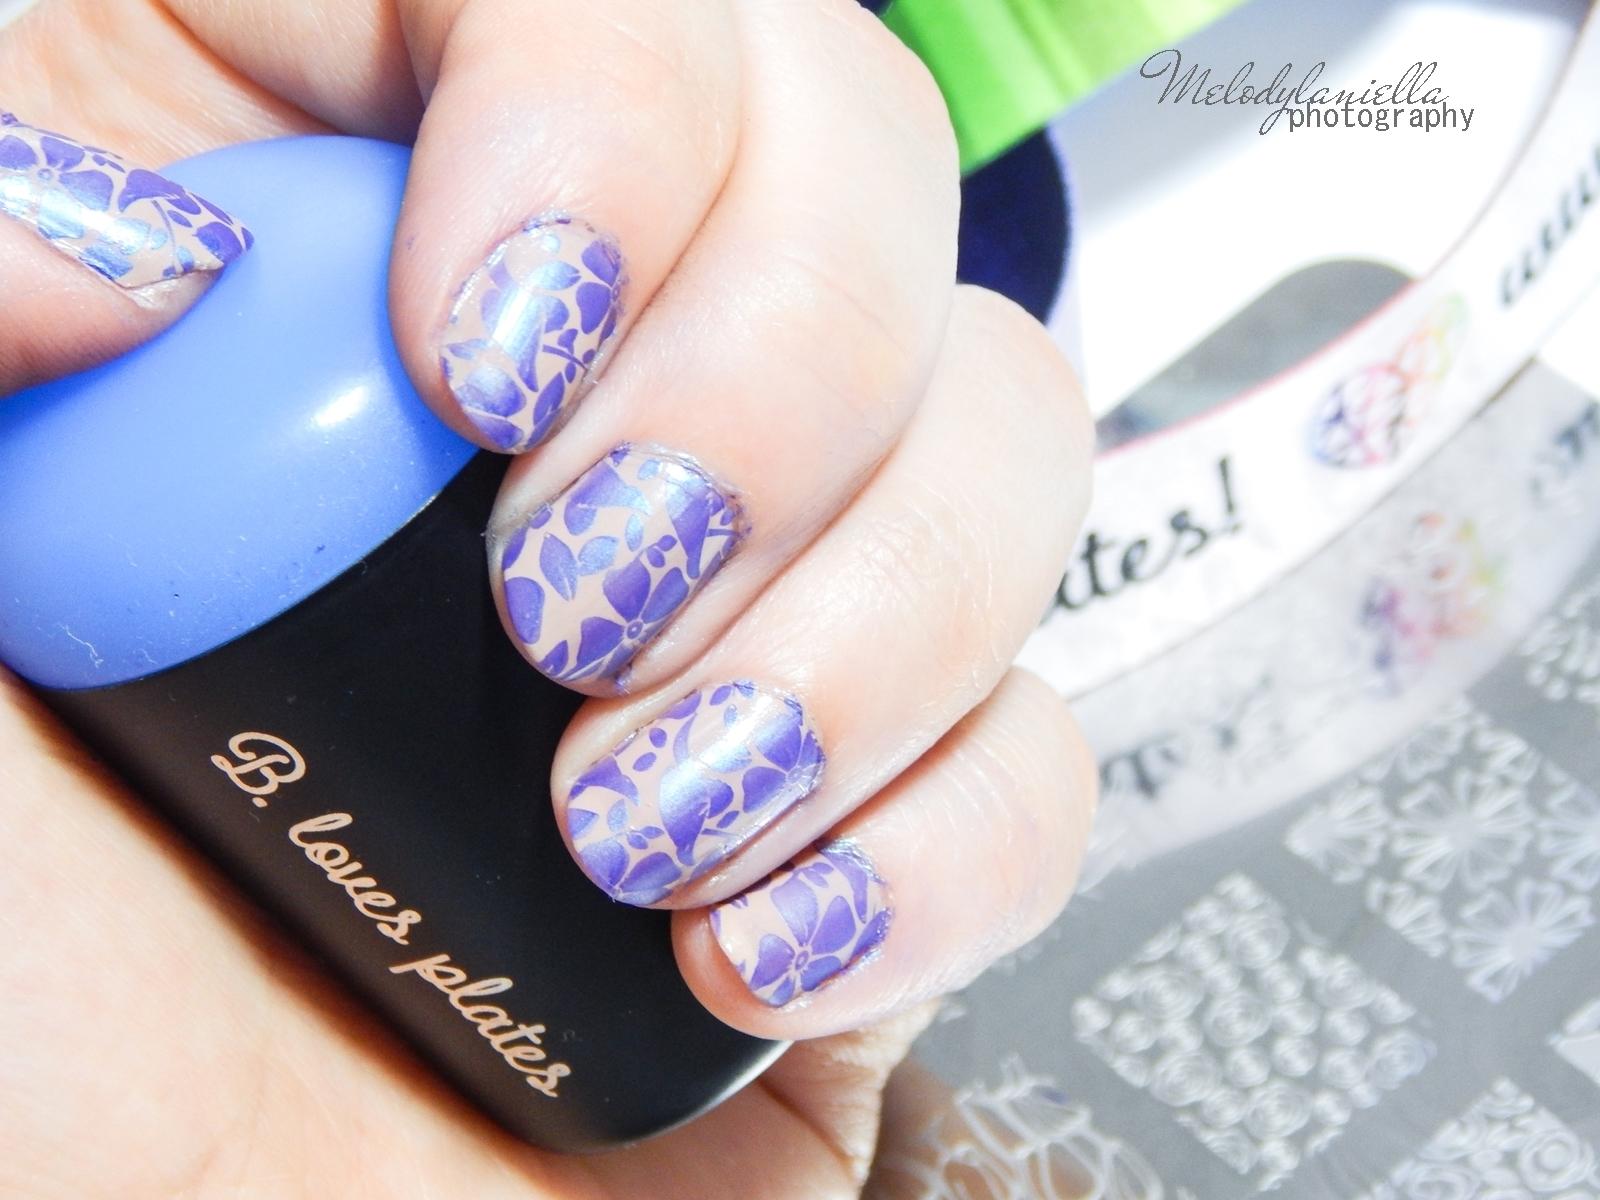 _12 nagłówek stemplowanie paznokci jak stemplować paznokcie produkty płytki lakiery do stemplowania b loves plates